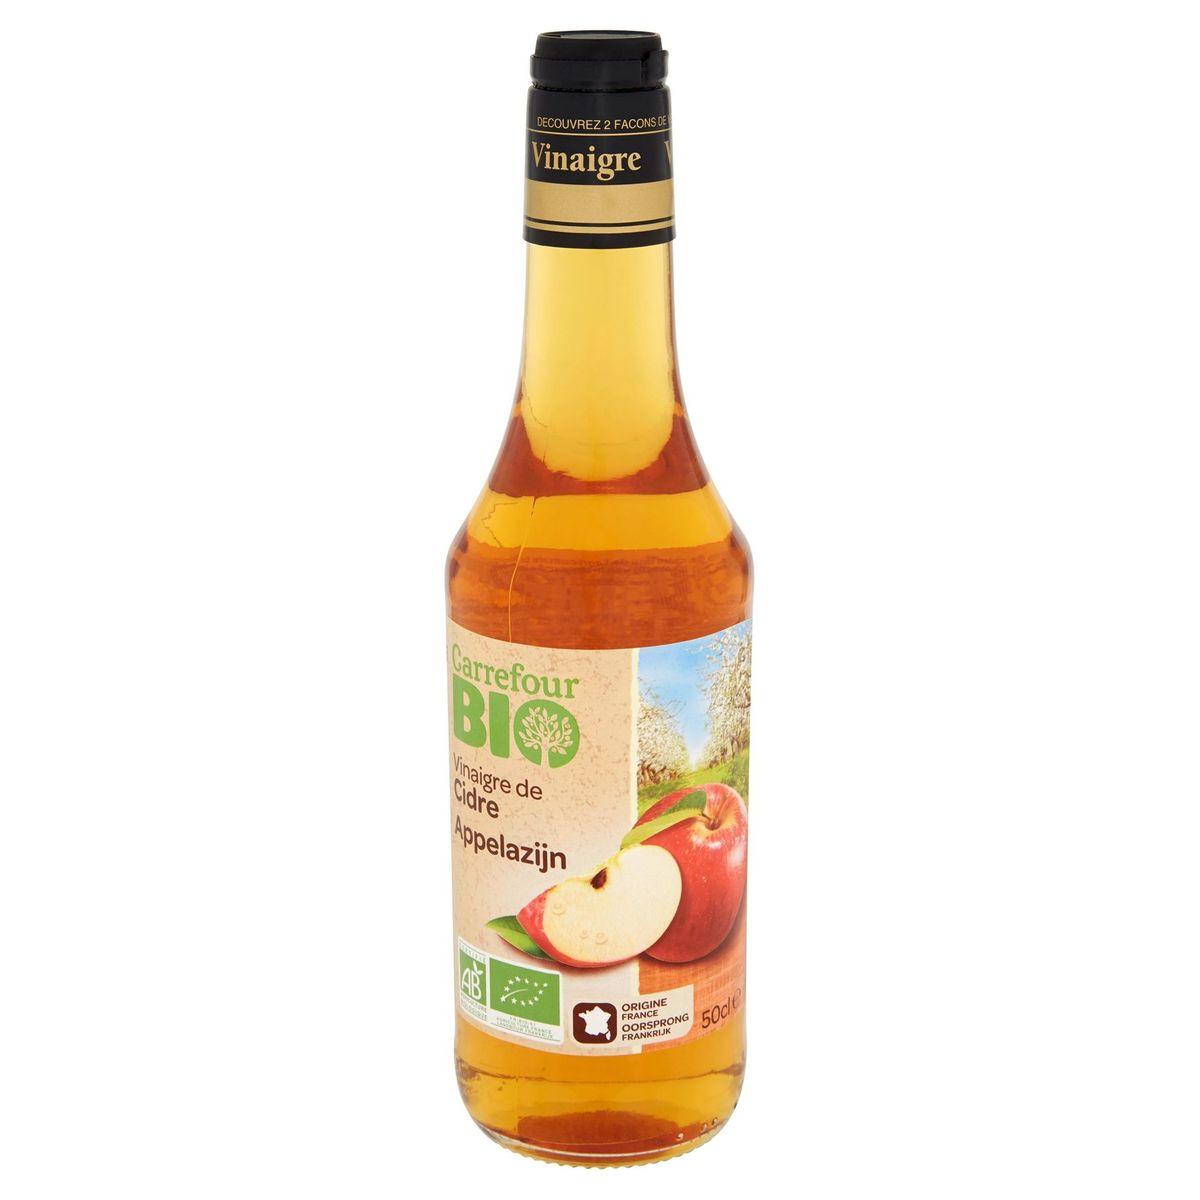 Carrefour Bio Vinaigre de Cidre 50 cl